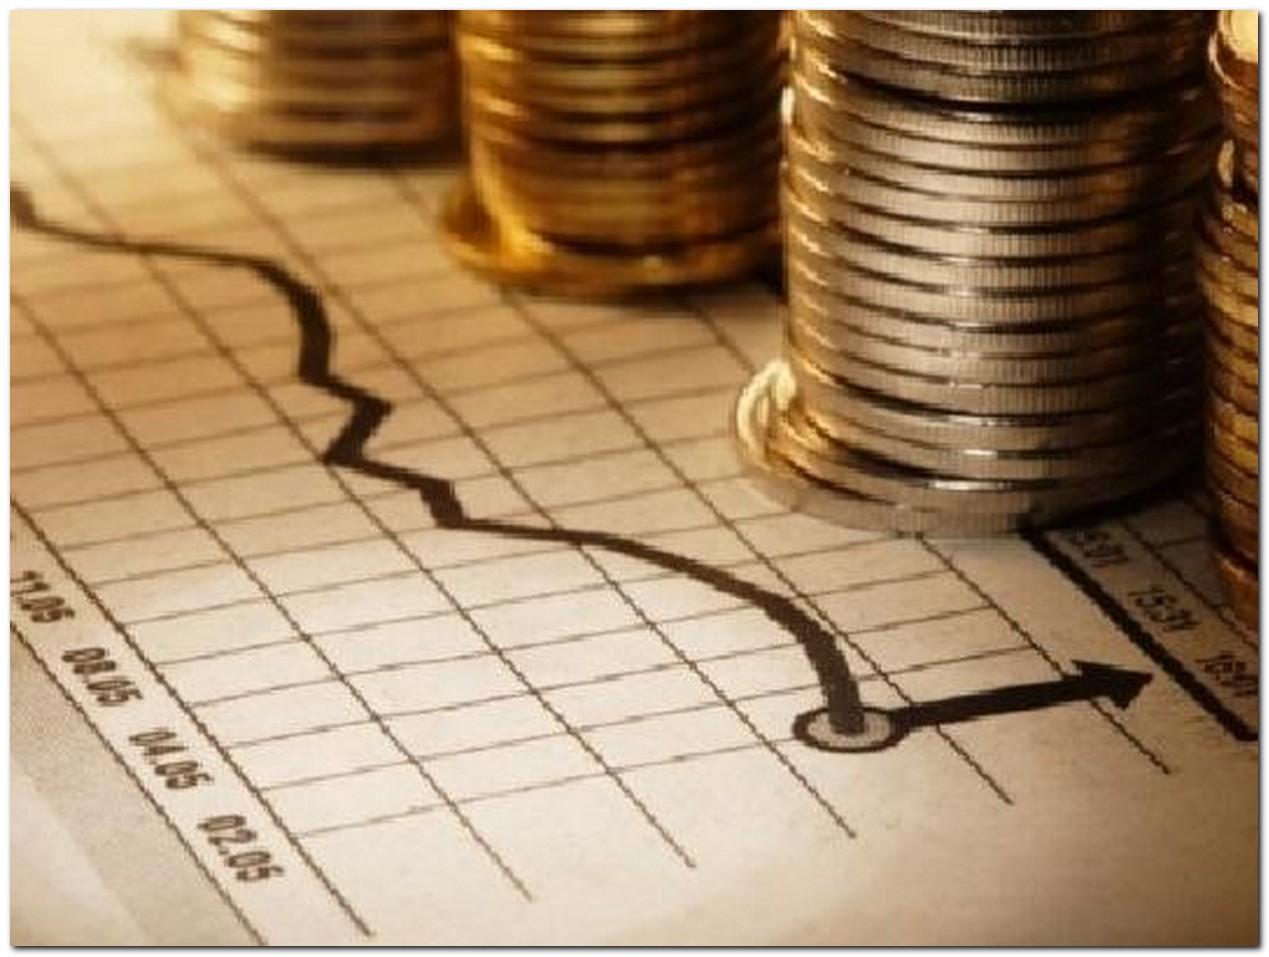 Вологодская область не обязана принимать однолетний бюджет вслед за федерацией